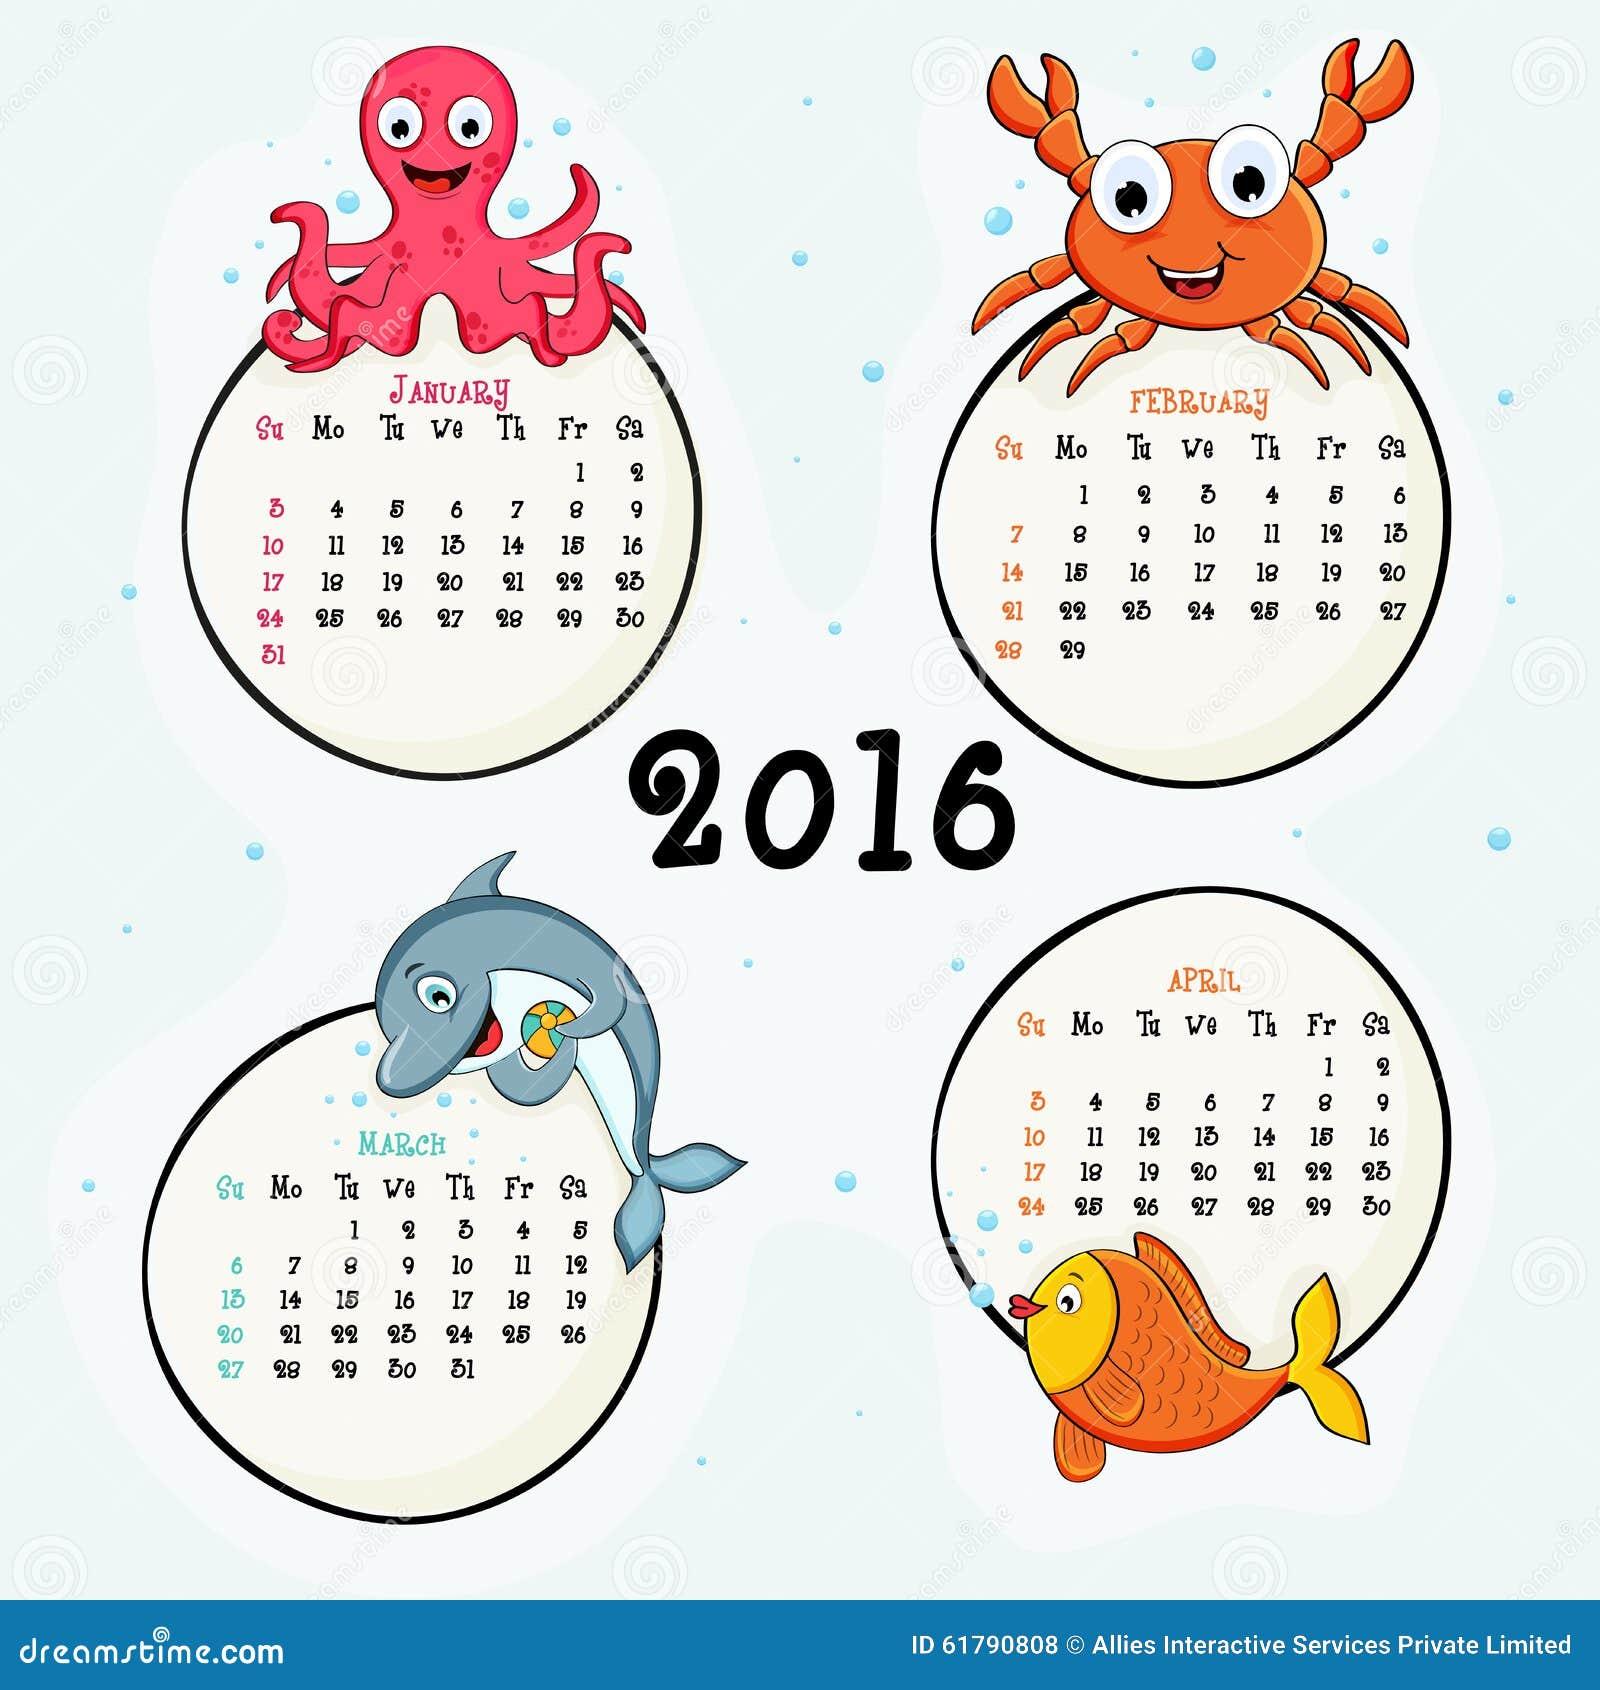 viermonatlicher kalender von 2016 stock abbildung. Black Bedroom Furniture Sets. Home Design Ideas